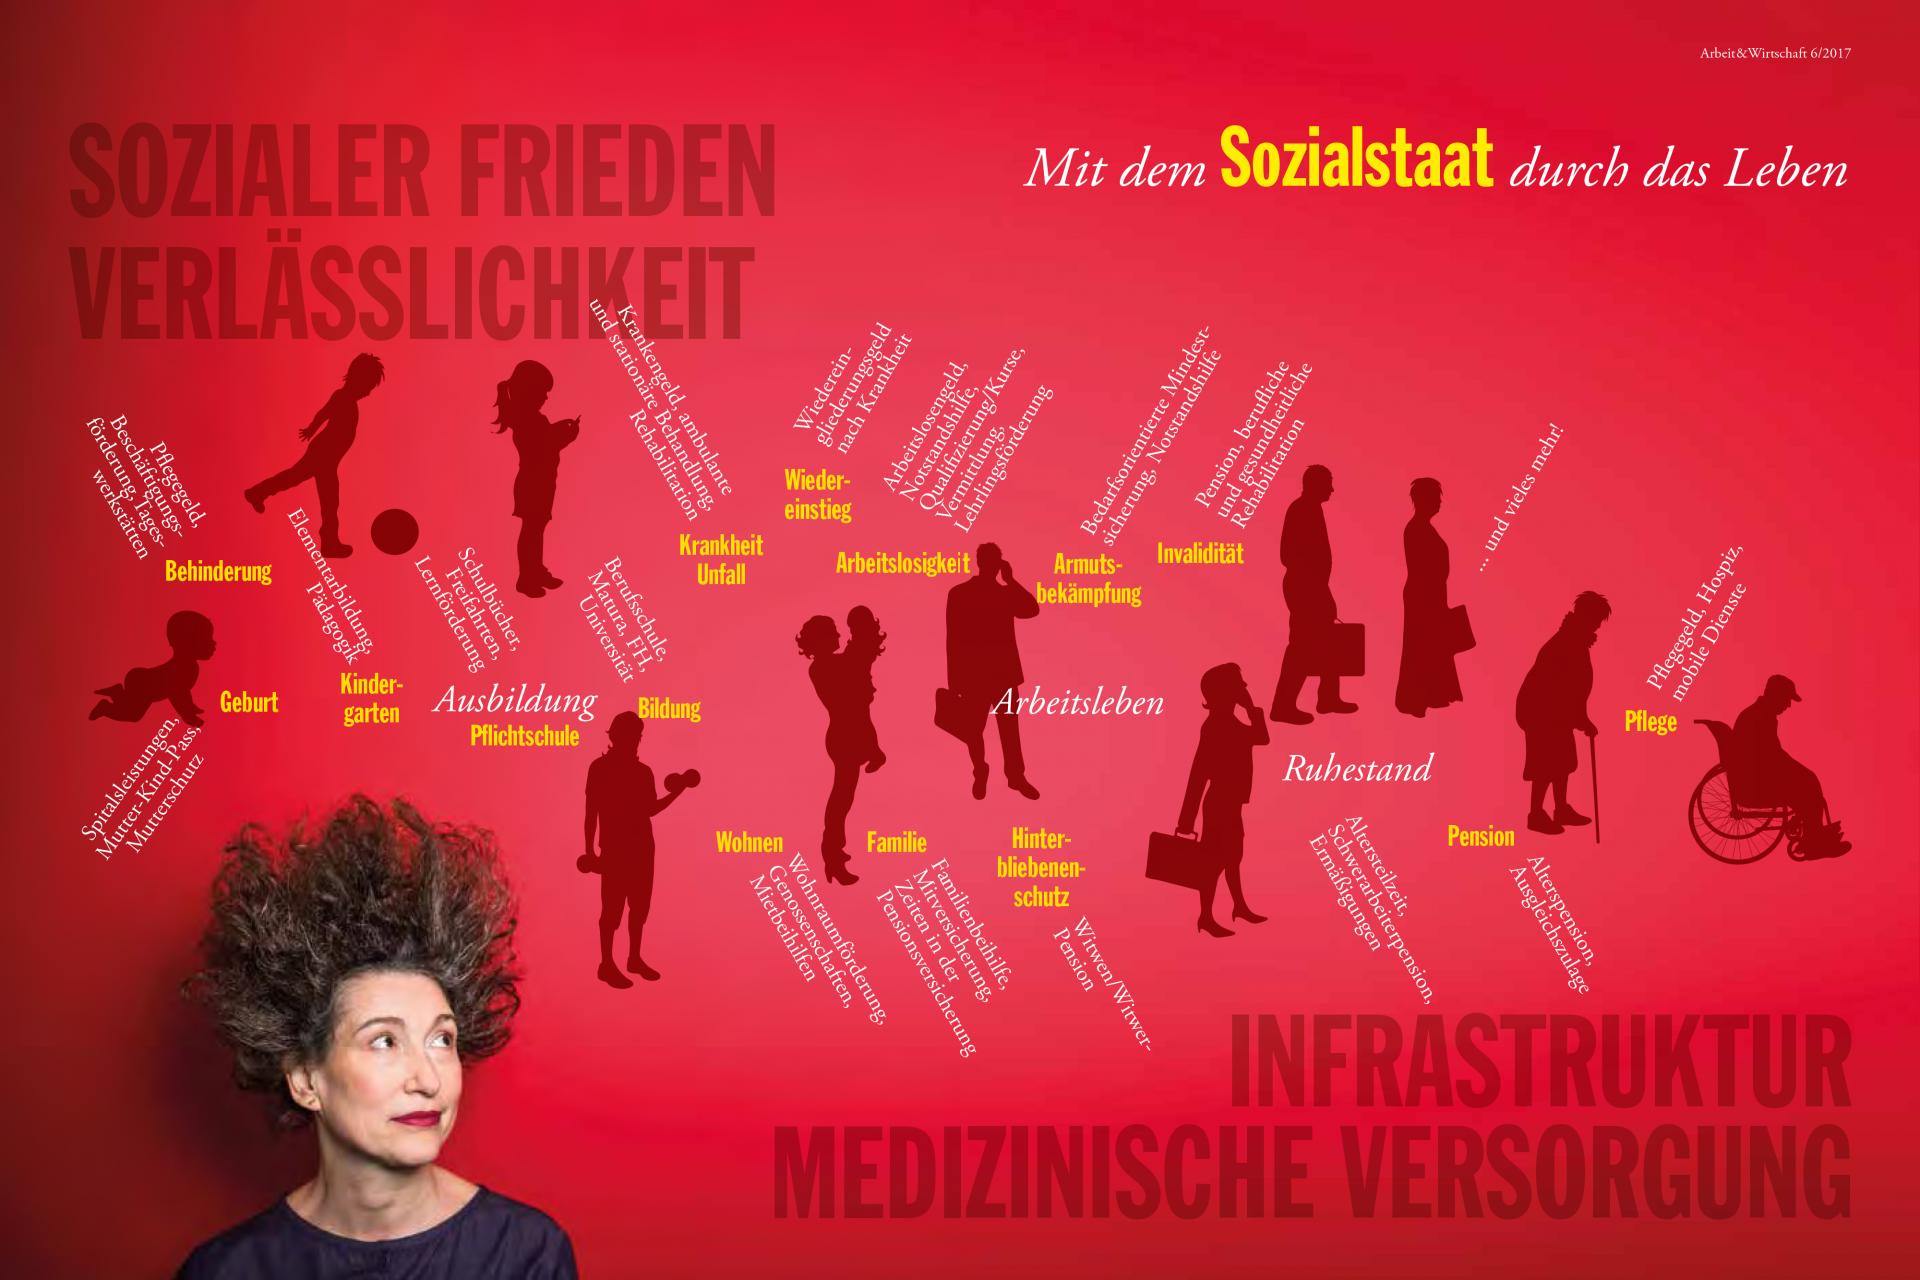 Infografik Mit dem Sozialstaat durchs Leben: Der Sozialstaat sorgt für sozialen Frieden, Verlässlichkeit, Infrastruktur und medizinische Versorgung